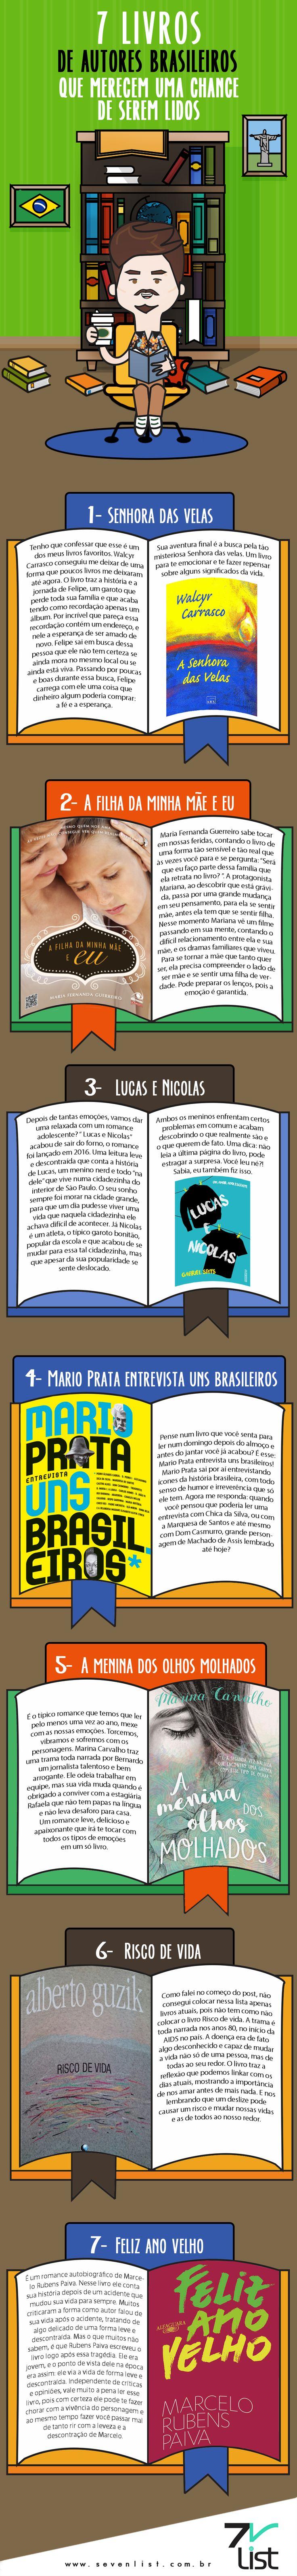 O post de hoje é especialmente para os amantes de leitura que adoram experimentar novidades, independente do gênero literário. Ficou curioso para saber qual é a lista de hoje? Então confira 7 livros de autores brasileiros que merecem uma chance de serem lidos. #SevenList #Lista #List #Infographic #Infográfico #Livros #Books #Senhoradasvelas #Afilhadaminhamãeeeu #LucaseNicolas #MarioPrataentrevistaunsbrasileiros #Ameninadosolhosmolhados #Riscodevida #Felizanovelho #Leitura #Literatura #Brasil